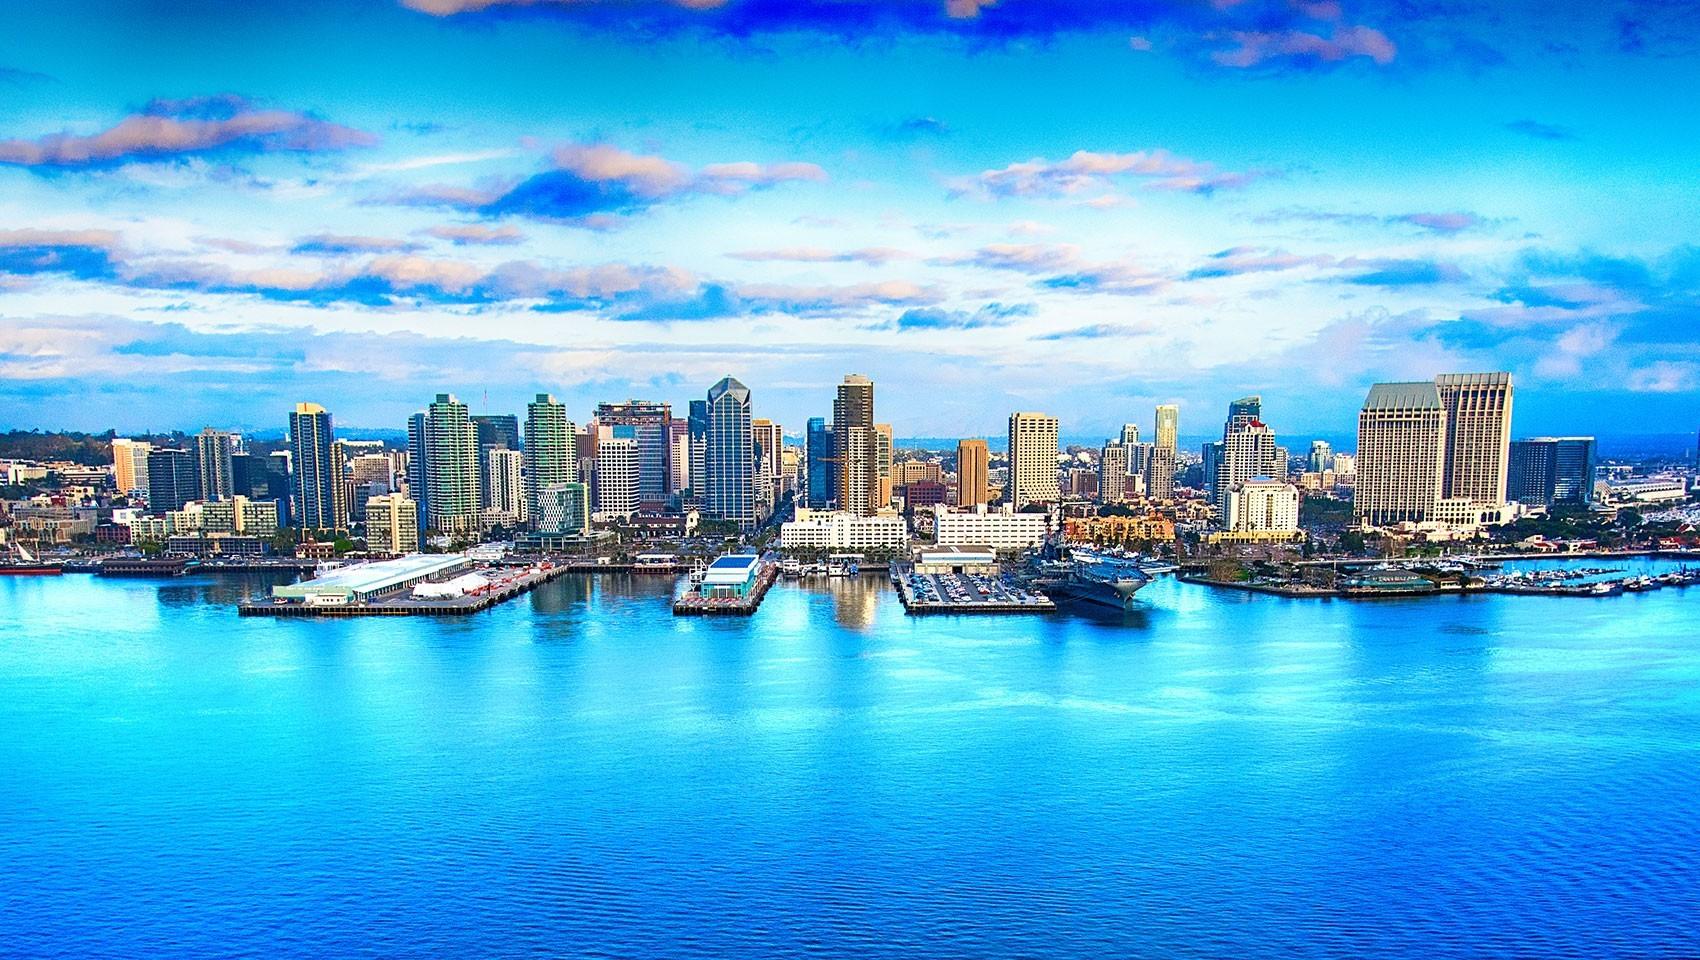 أفضل فنادق سان دييغو